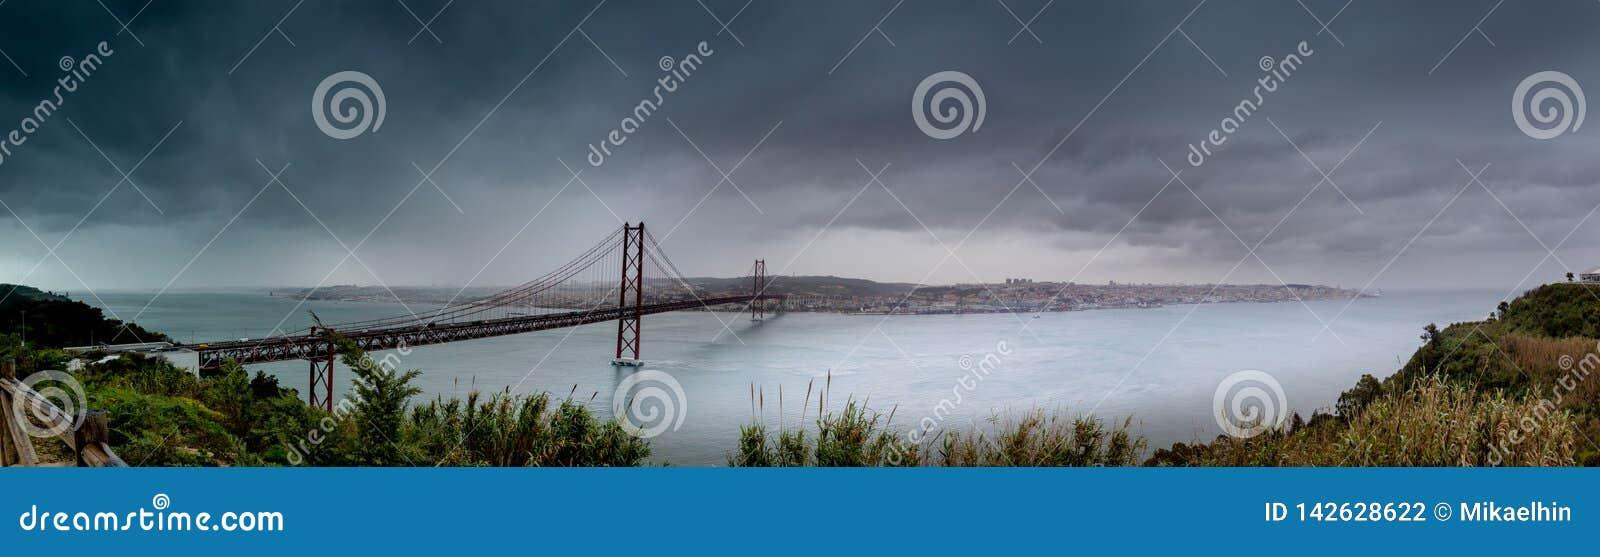 Η γέφυρα στη Λισσαβώνα, που ονομάστηκε Ponte 25 de Abril, κάλεσε επίσης τη γέφυρα αδελφών της χρυσής πύλης